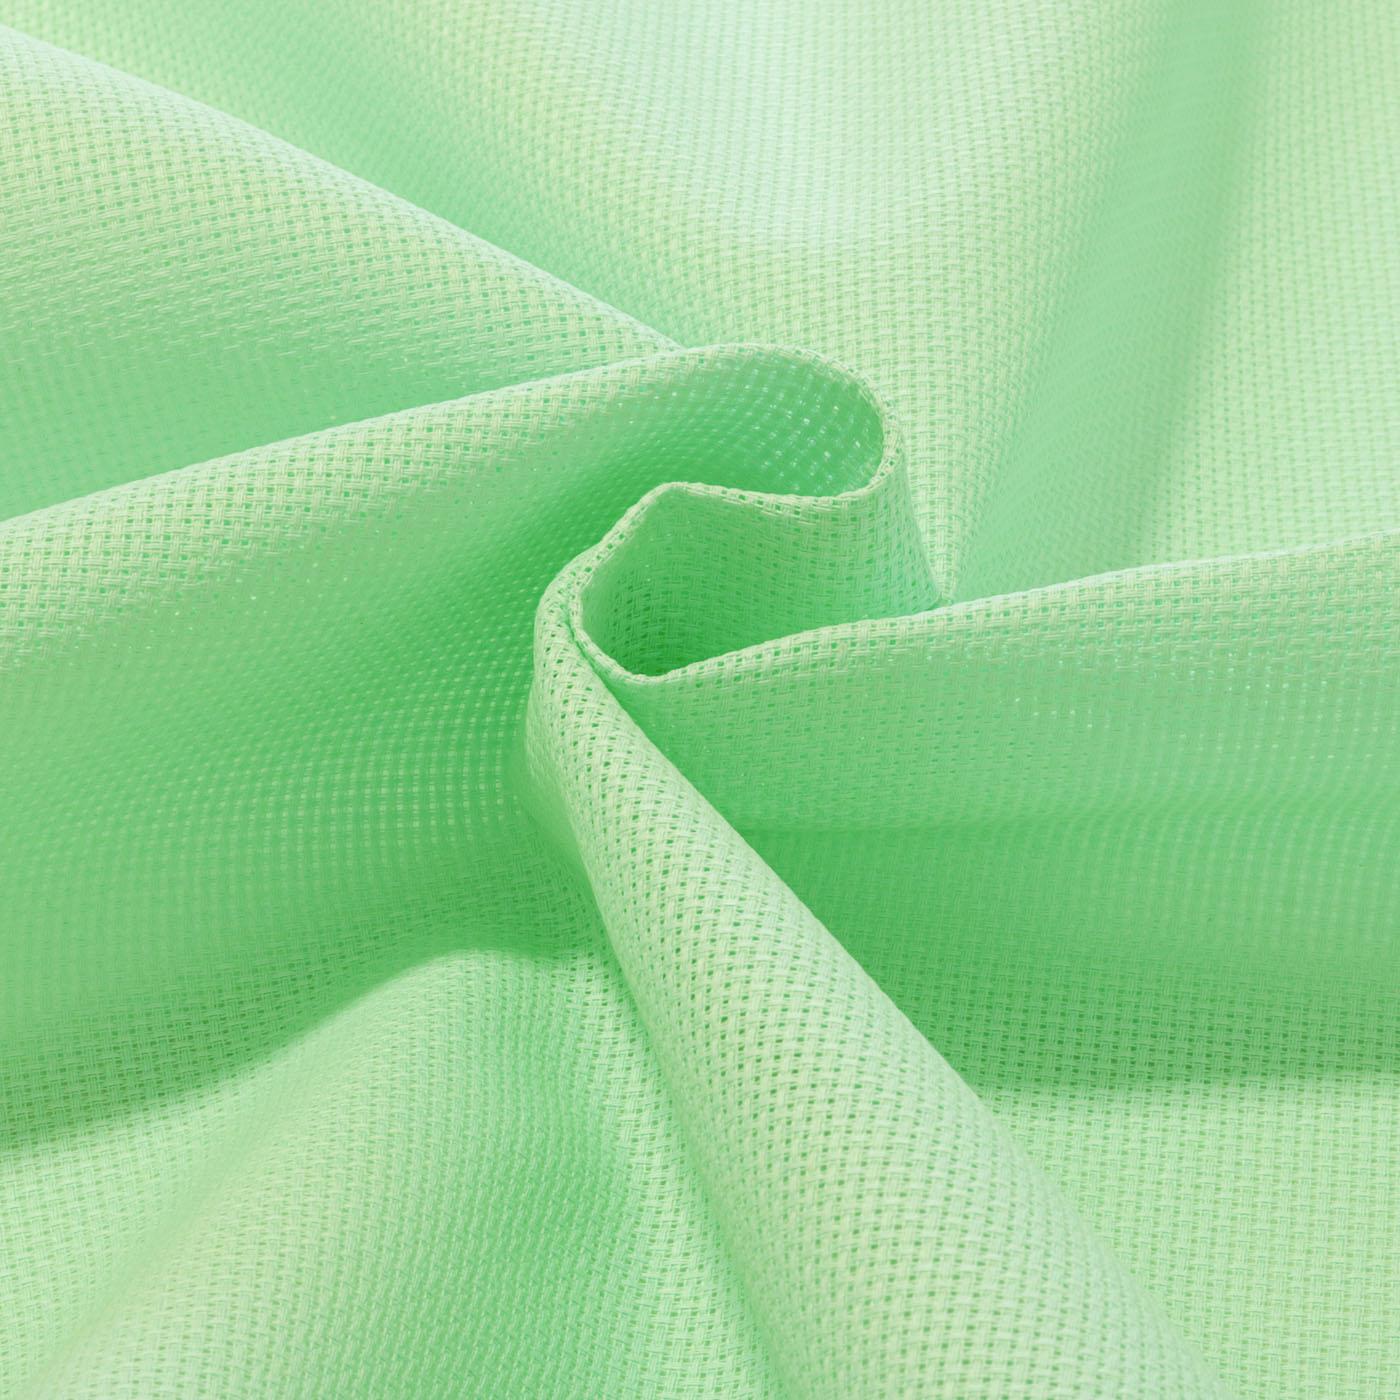 Tecido Etamine 100% Algodão 1,40 m Largura Verde Água